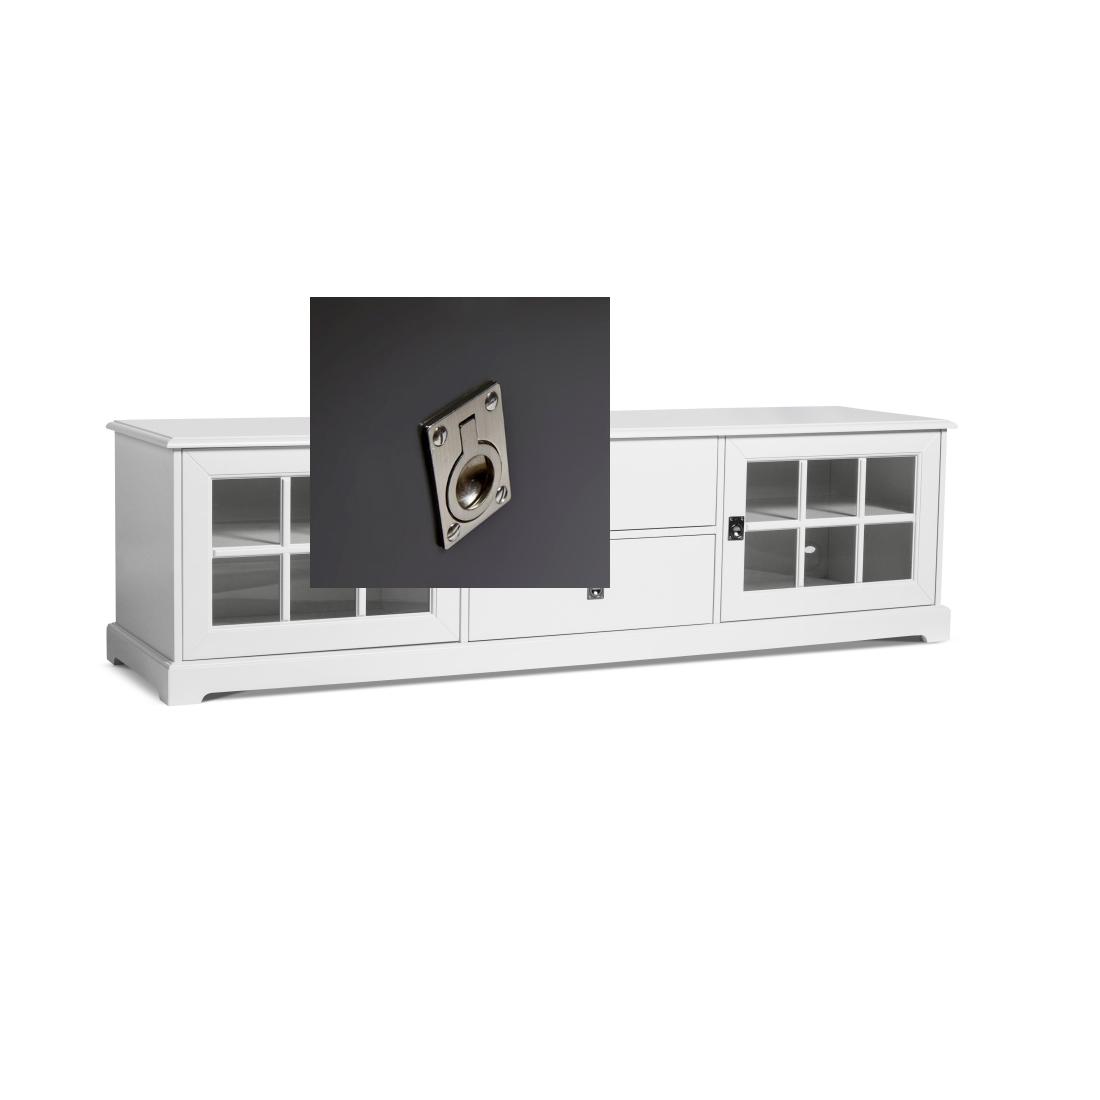 Smögen TV-bänk glasdörrar 180 cm svart, Mavis